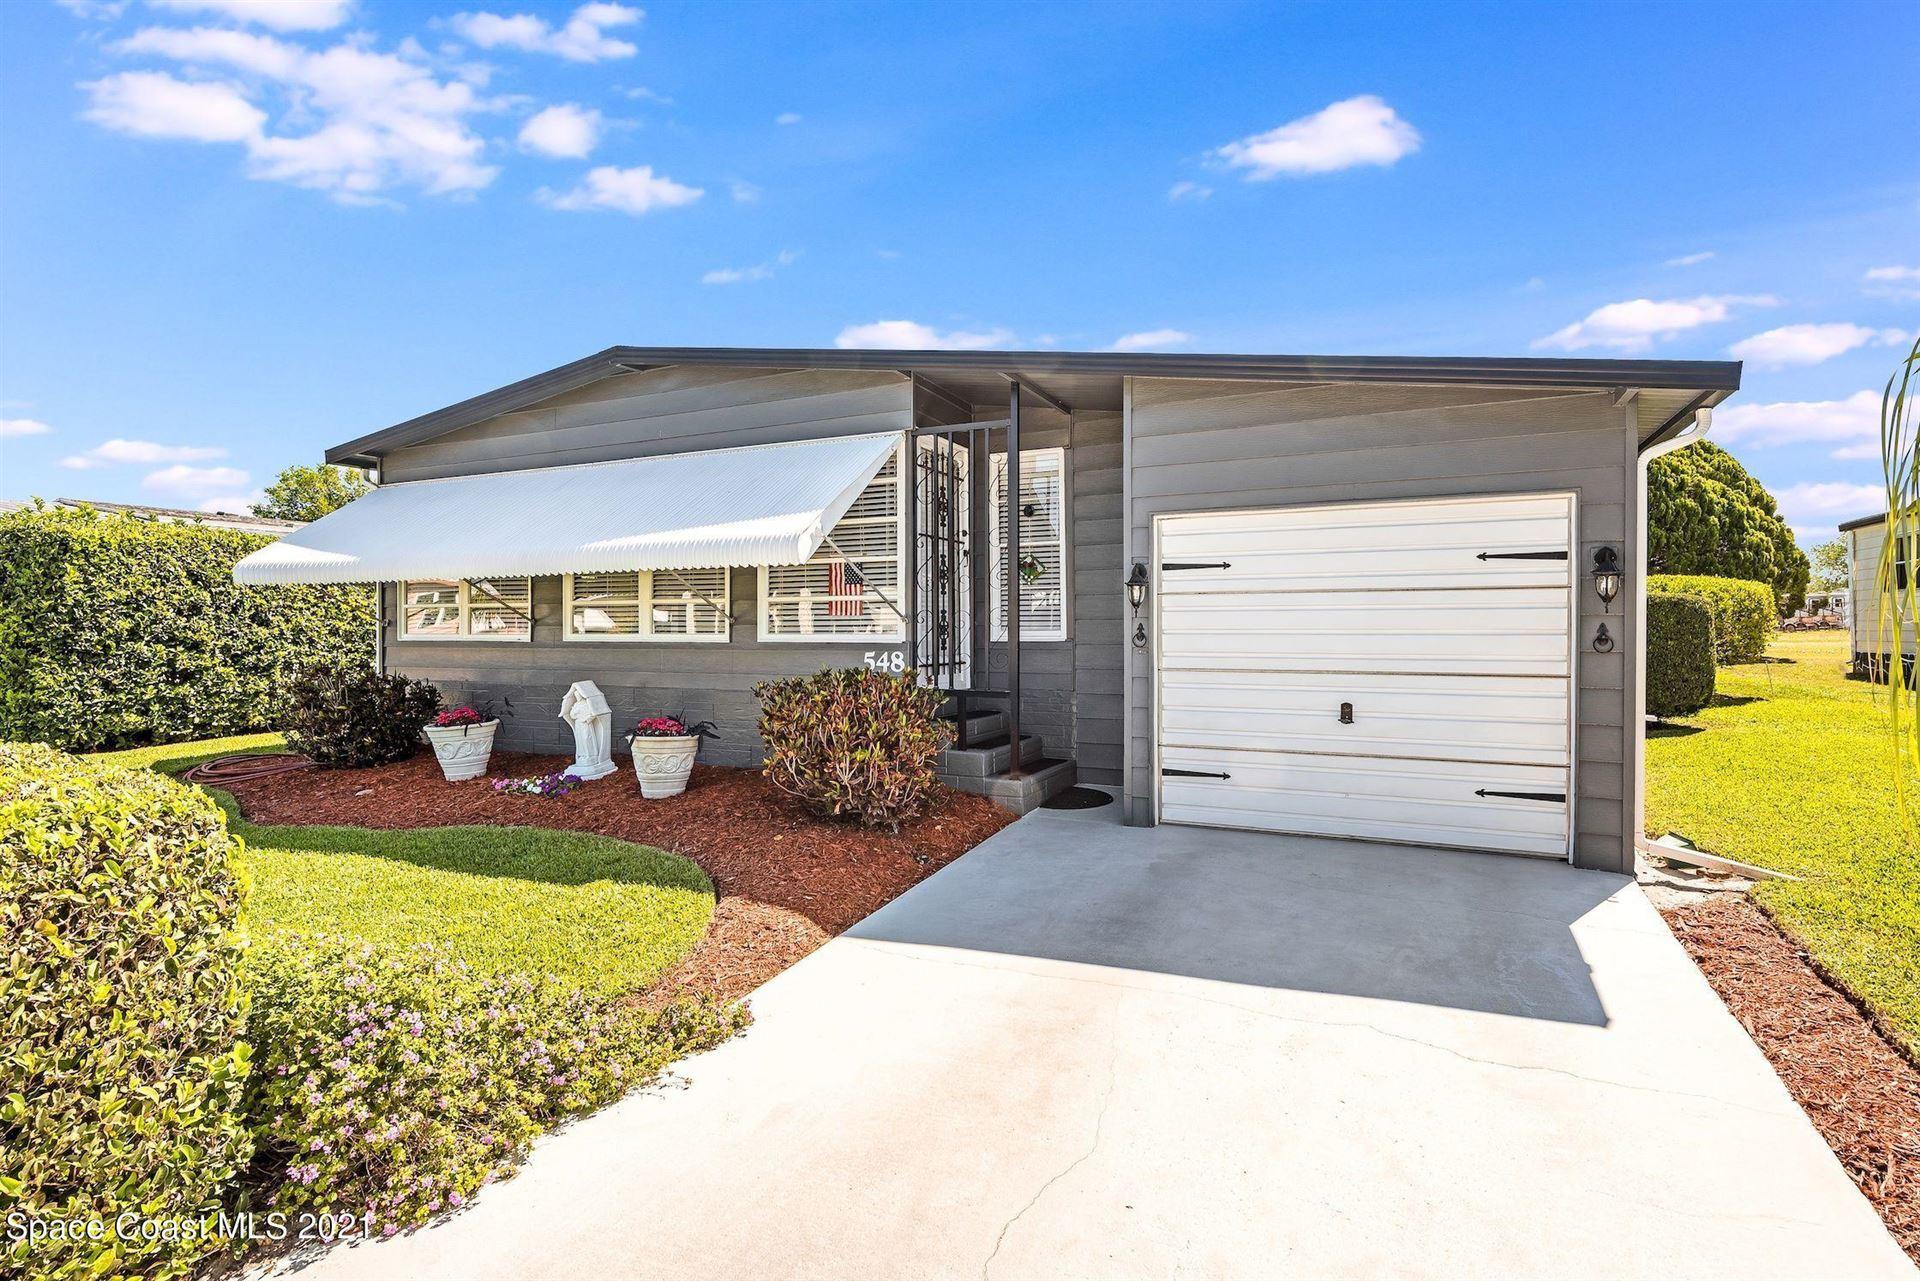 548 Ruth Circle, Melbourne, FL 32904 - #: 902167